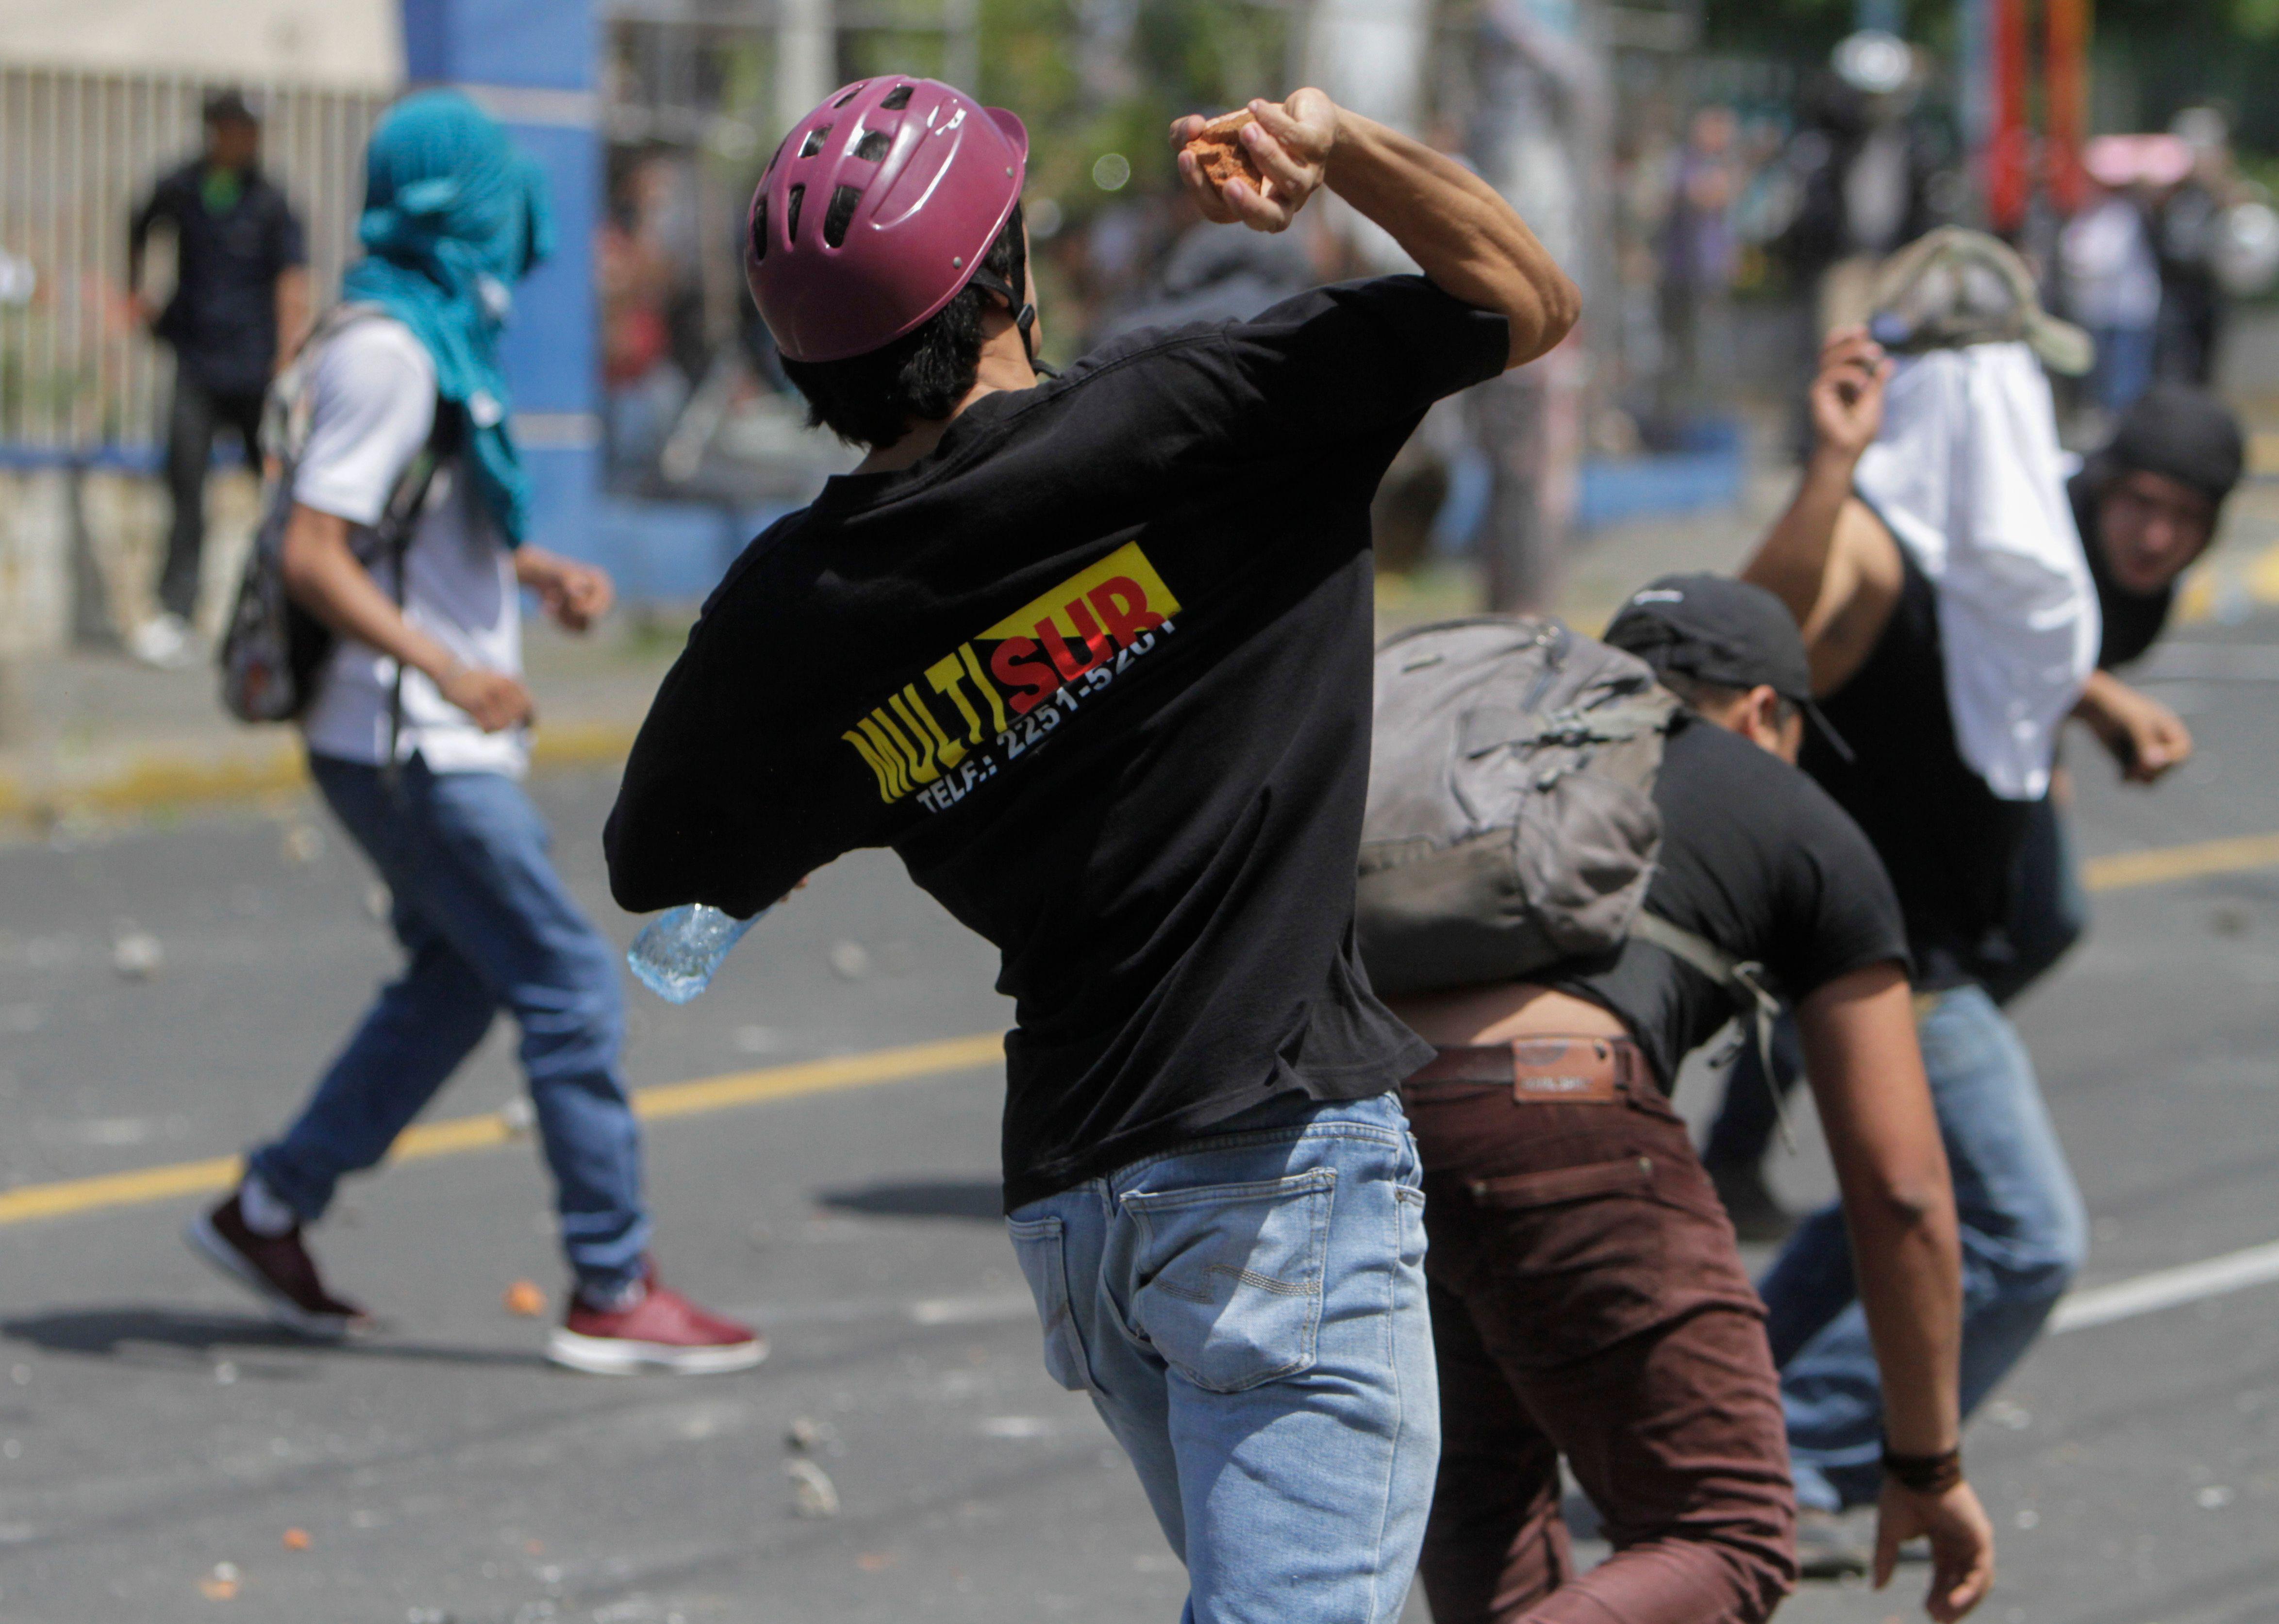 المحتجون يقذفون الشرطة بالحجارة